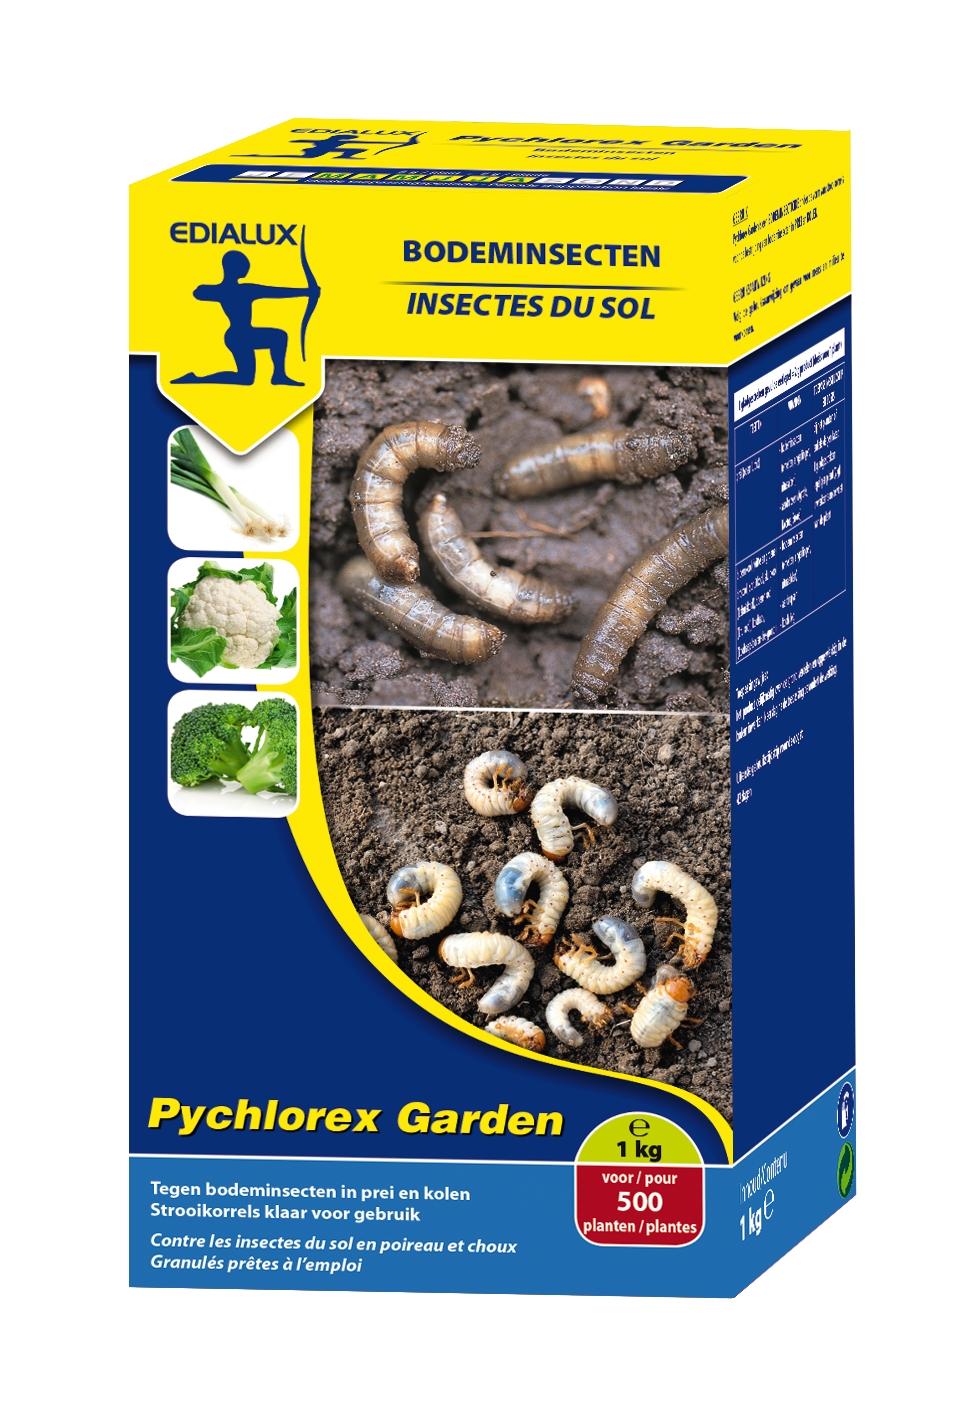 Edialux Pychlorex Garden.